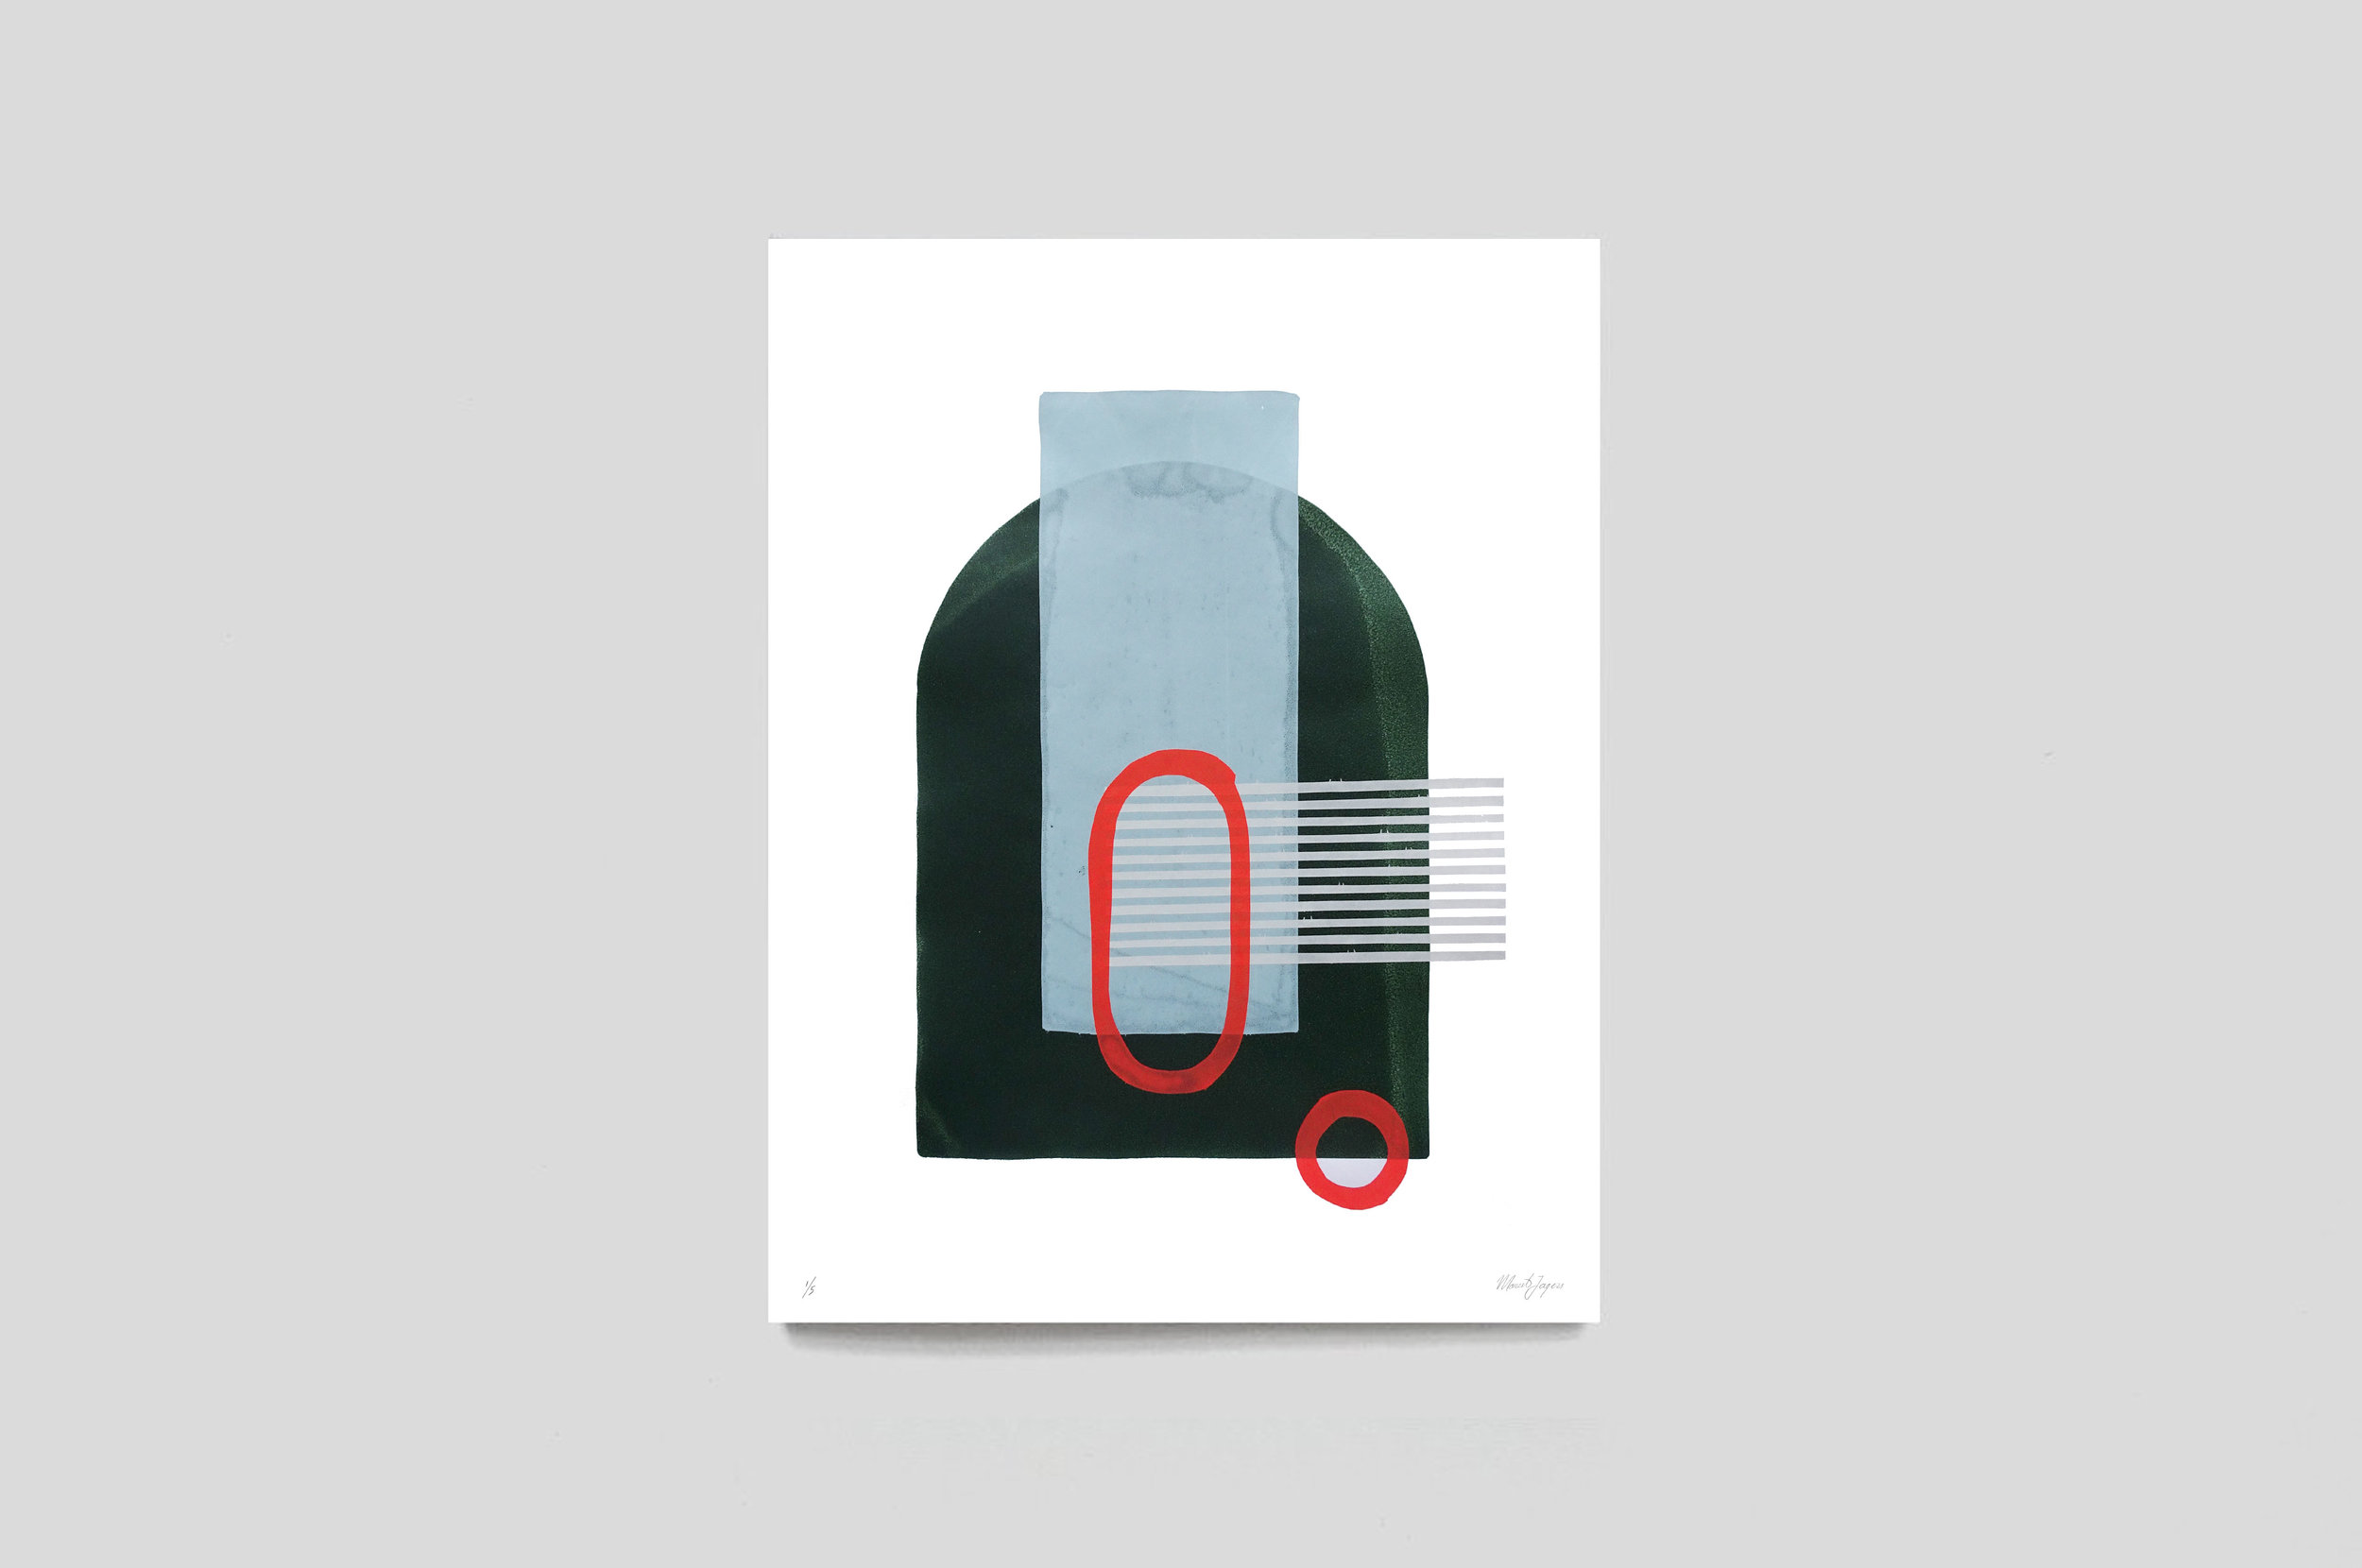 Poster_aan_muur_Marrit_Jagers_StudioJOA_zeefdruk_0002_3.jpg